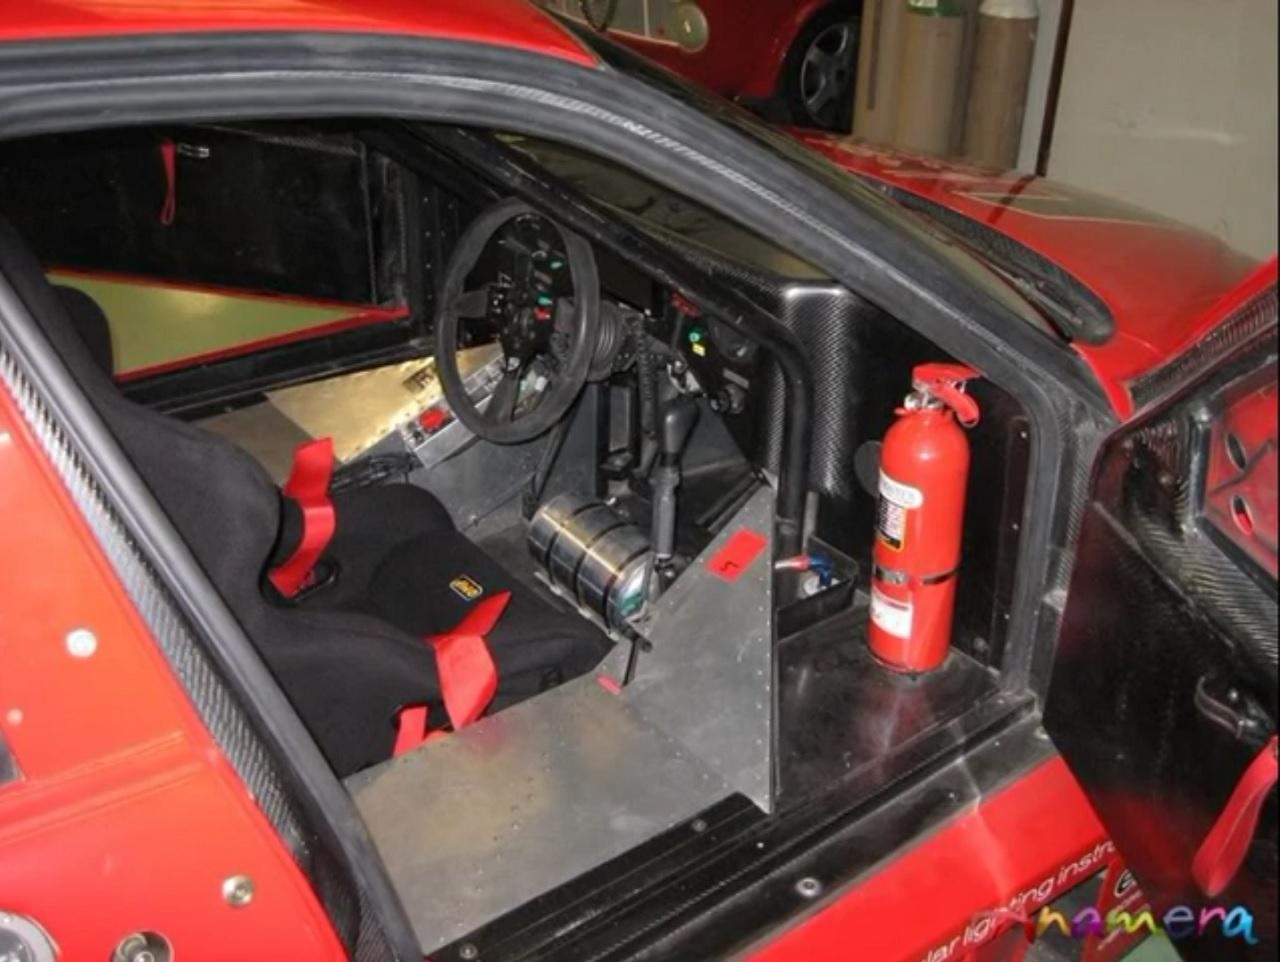 Alfa Romeo 156 Coloni S1 - Maxiturismo ! 13